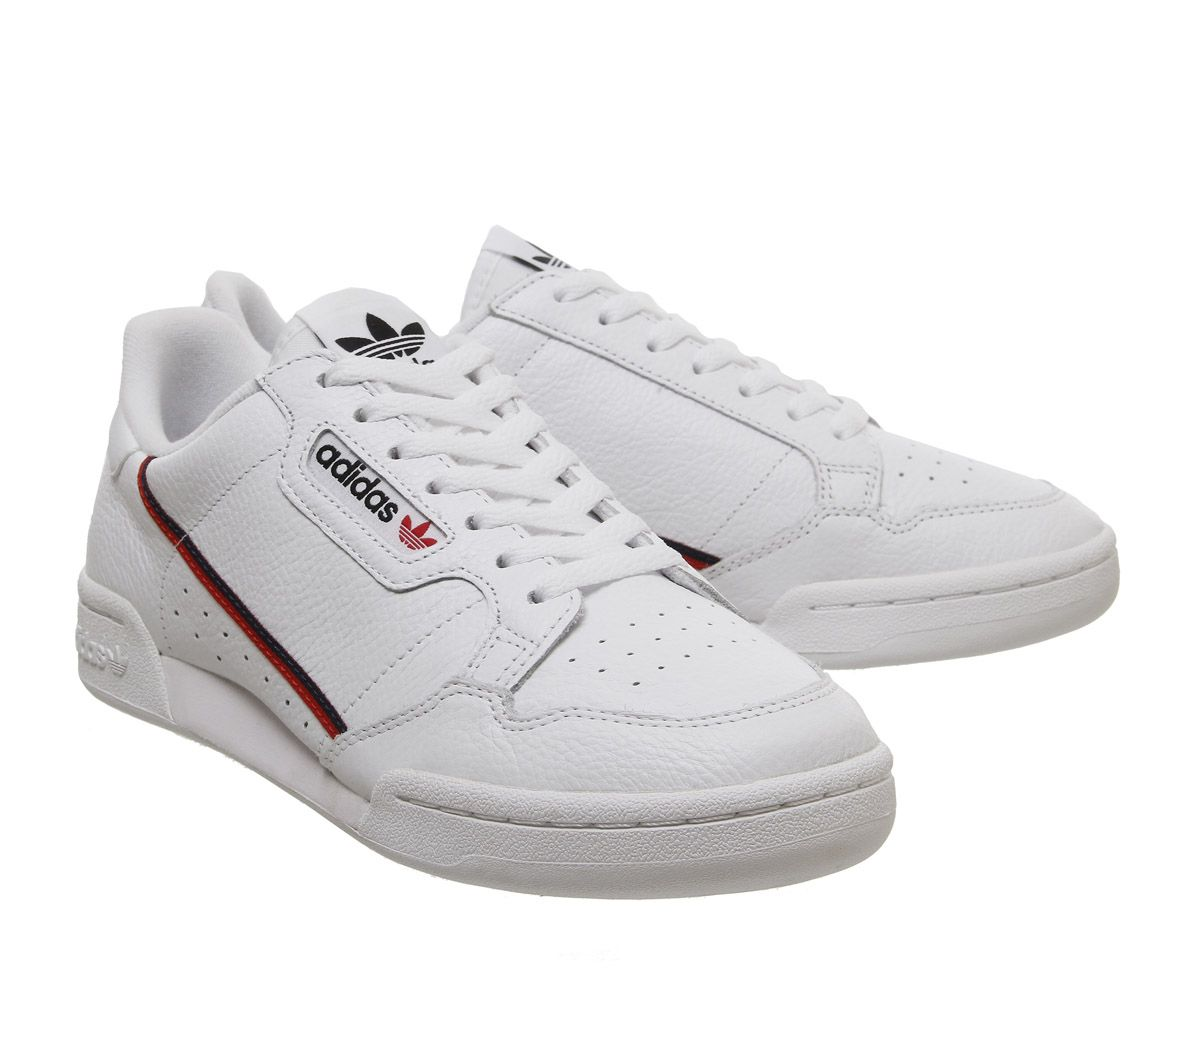 Détails sur Adidas 80 s Continental Baskets Blanc White Scarlet BLEU MARINE  Baskets Chaussures- afficher le titre d'origine